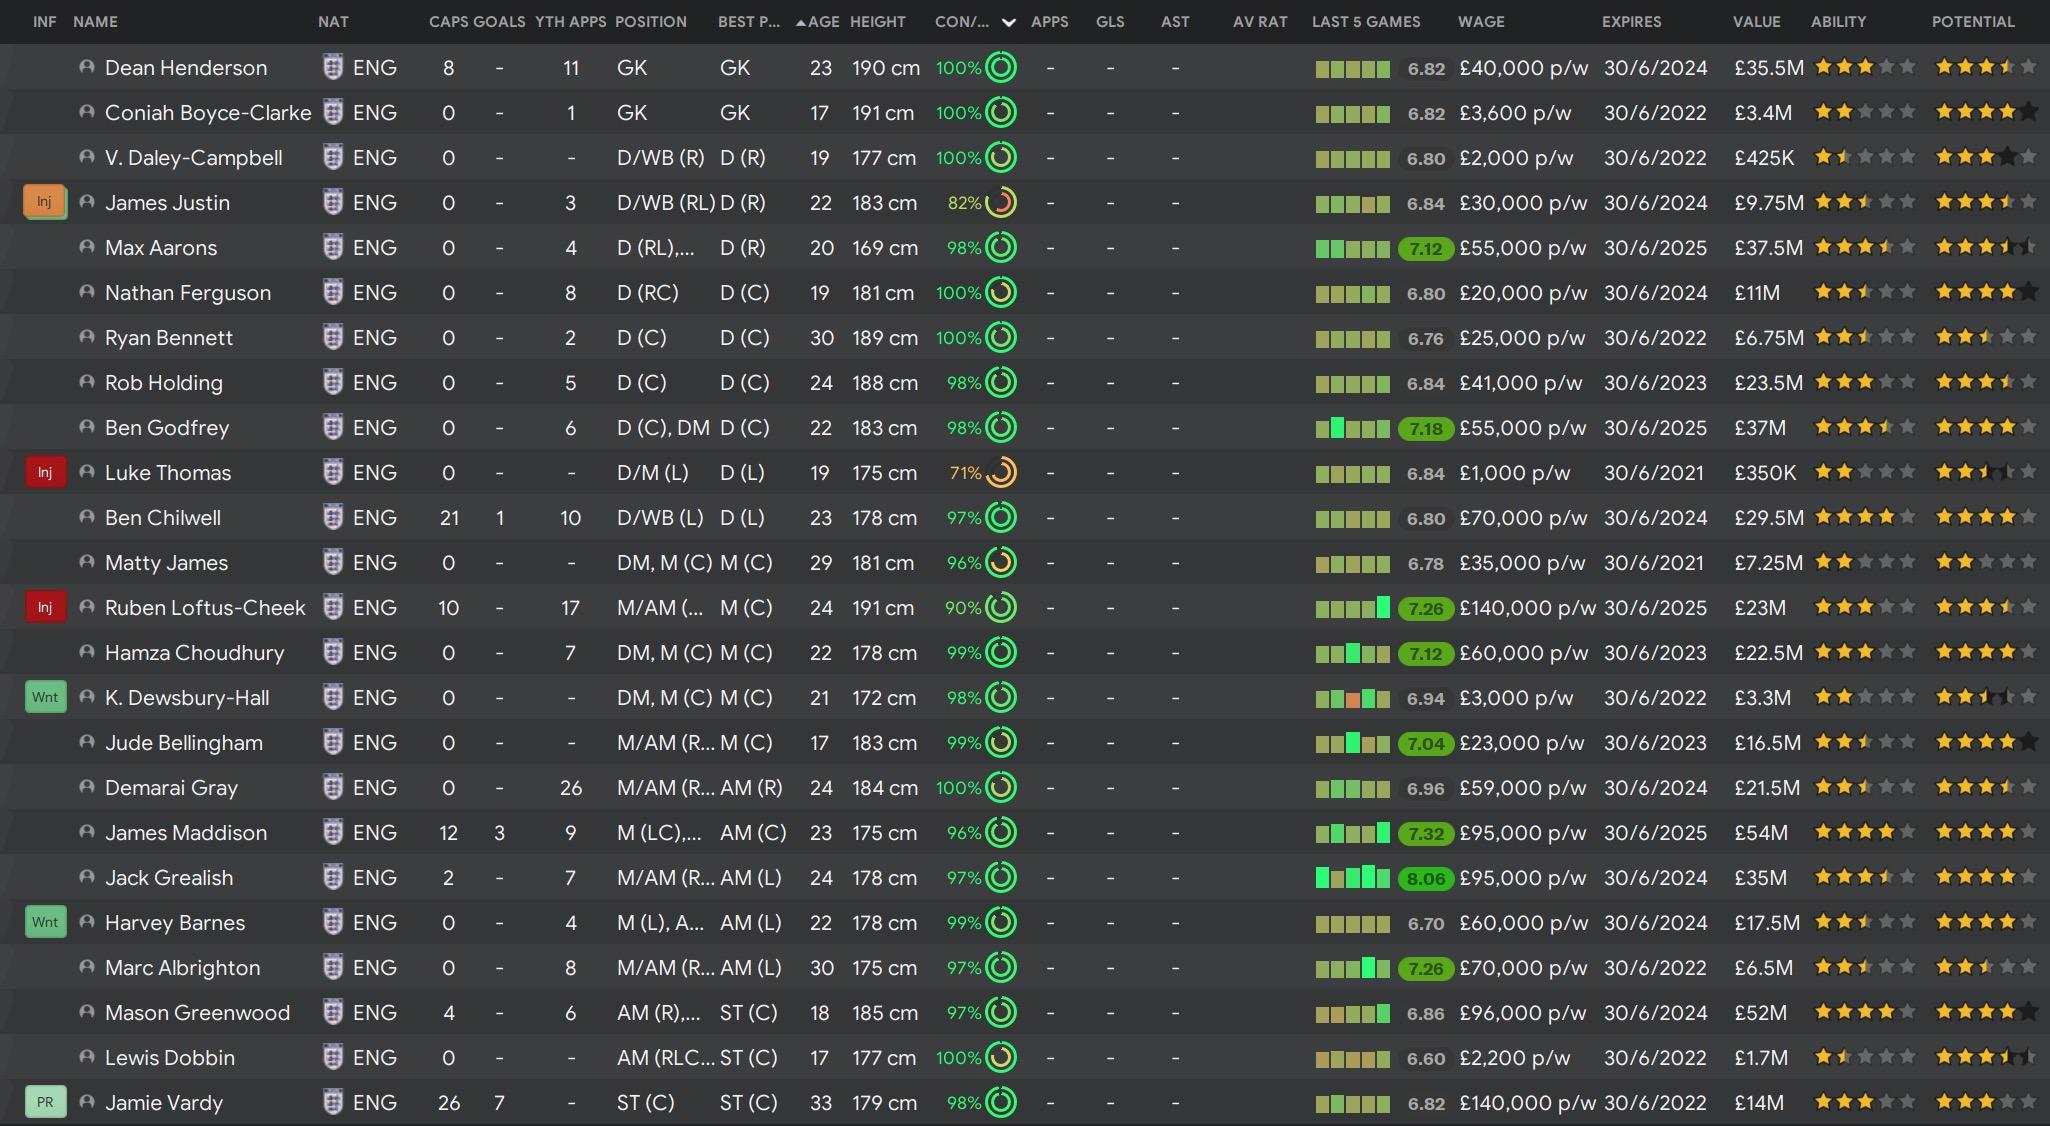 Screenshot 2020-06-30 at 13.35.40.jpg